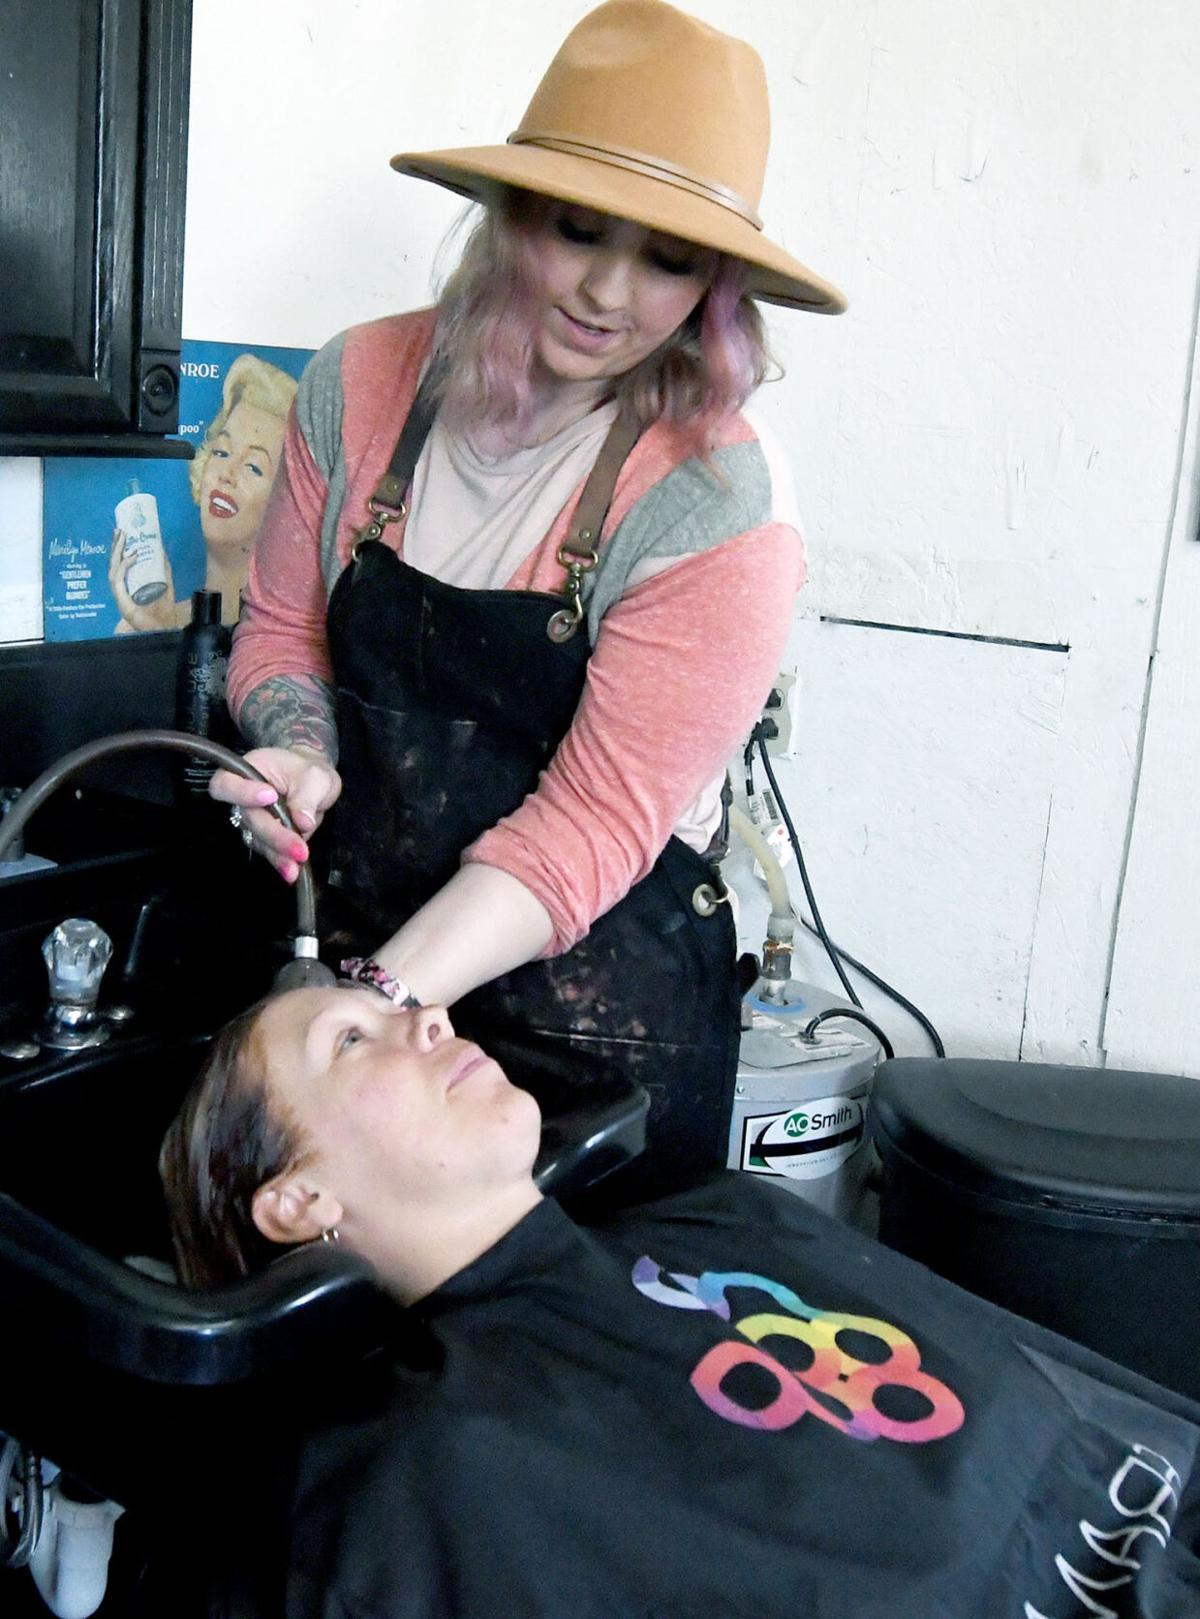 05xx21_local_Lamar hair salon3.jpg